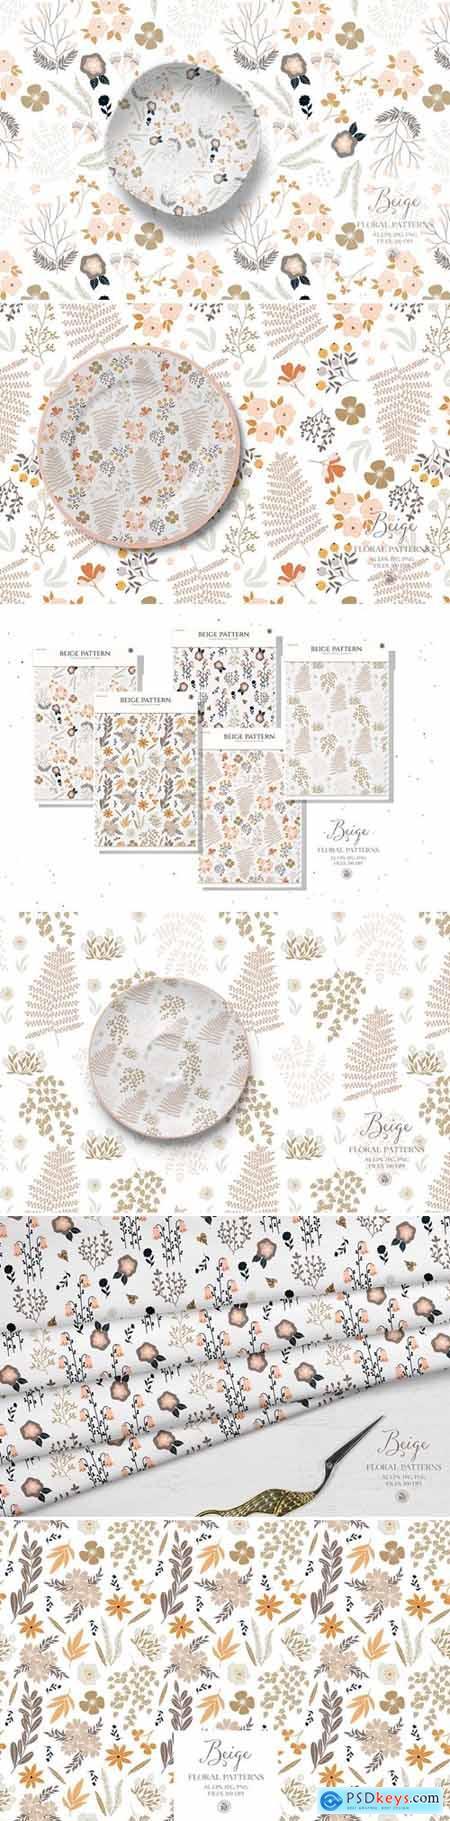 Beige floral patterns - vector set